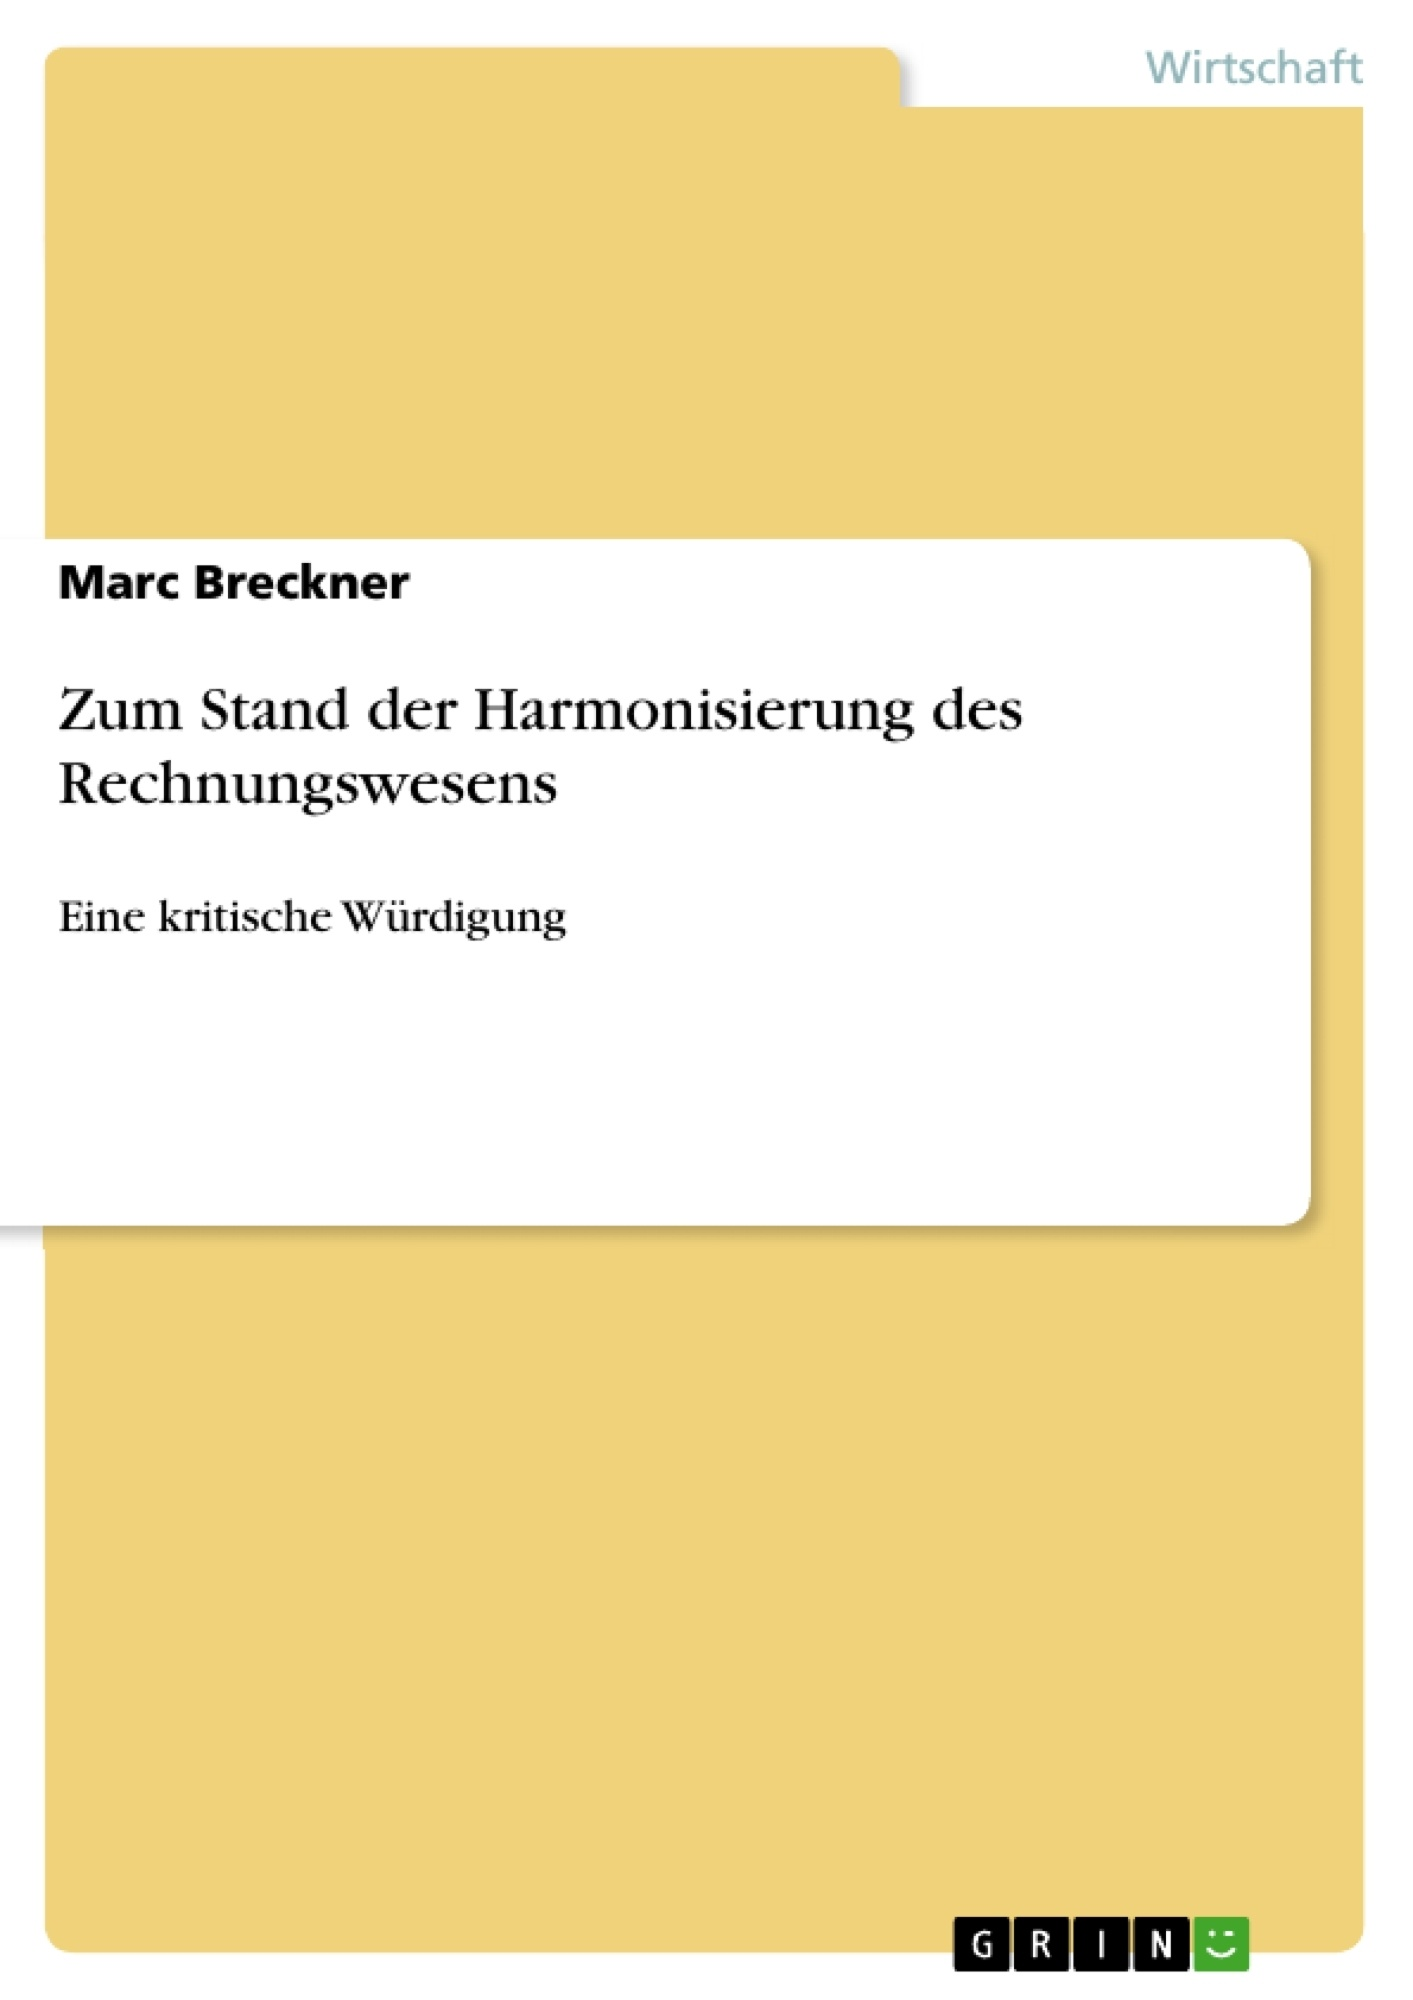 Titel: Zum Stand der Harmonisierung des Rechnungswesens